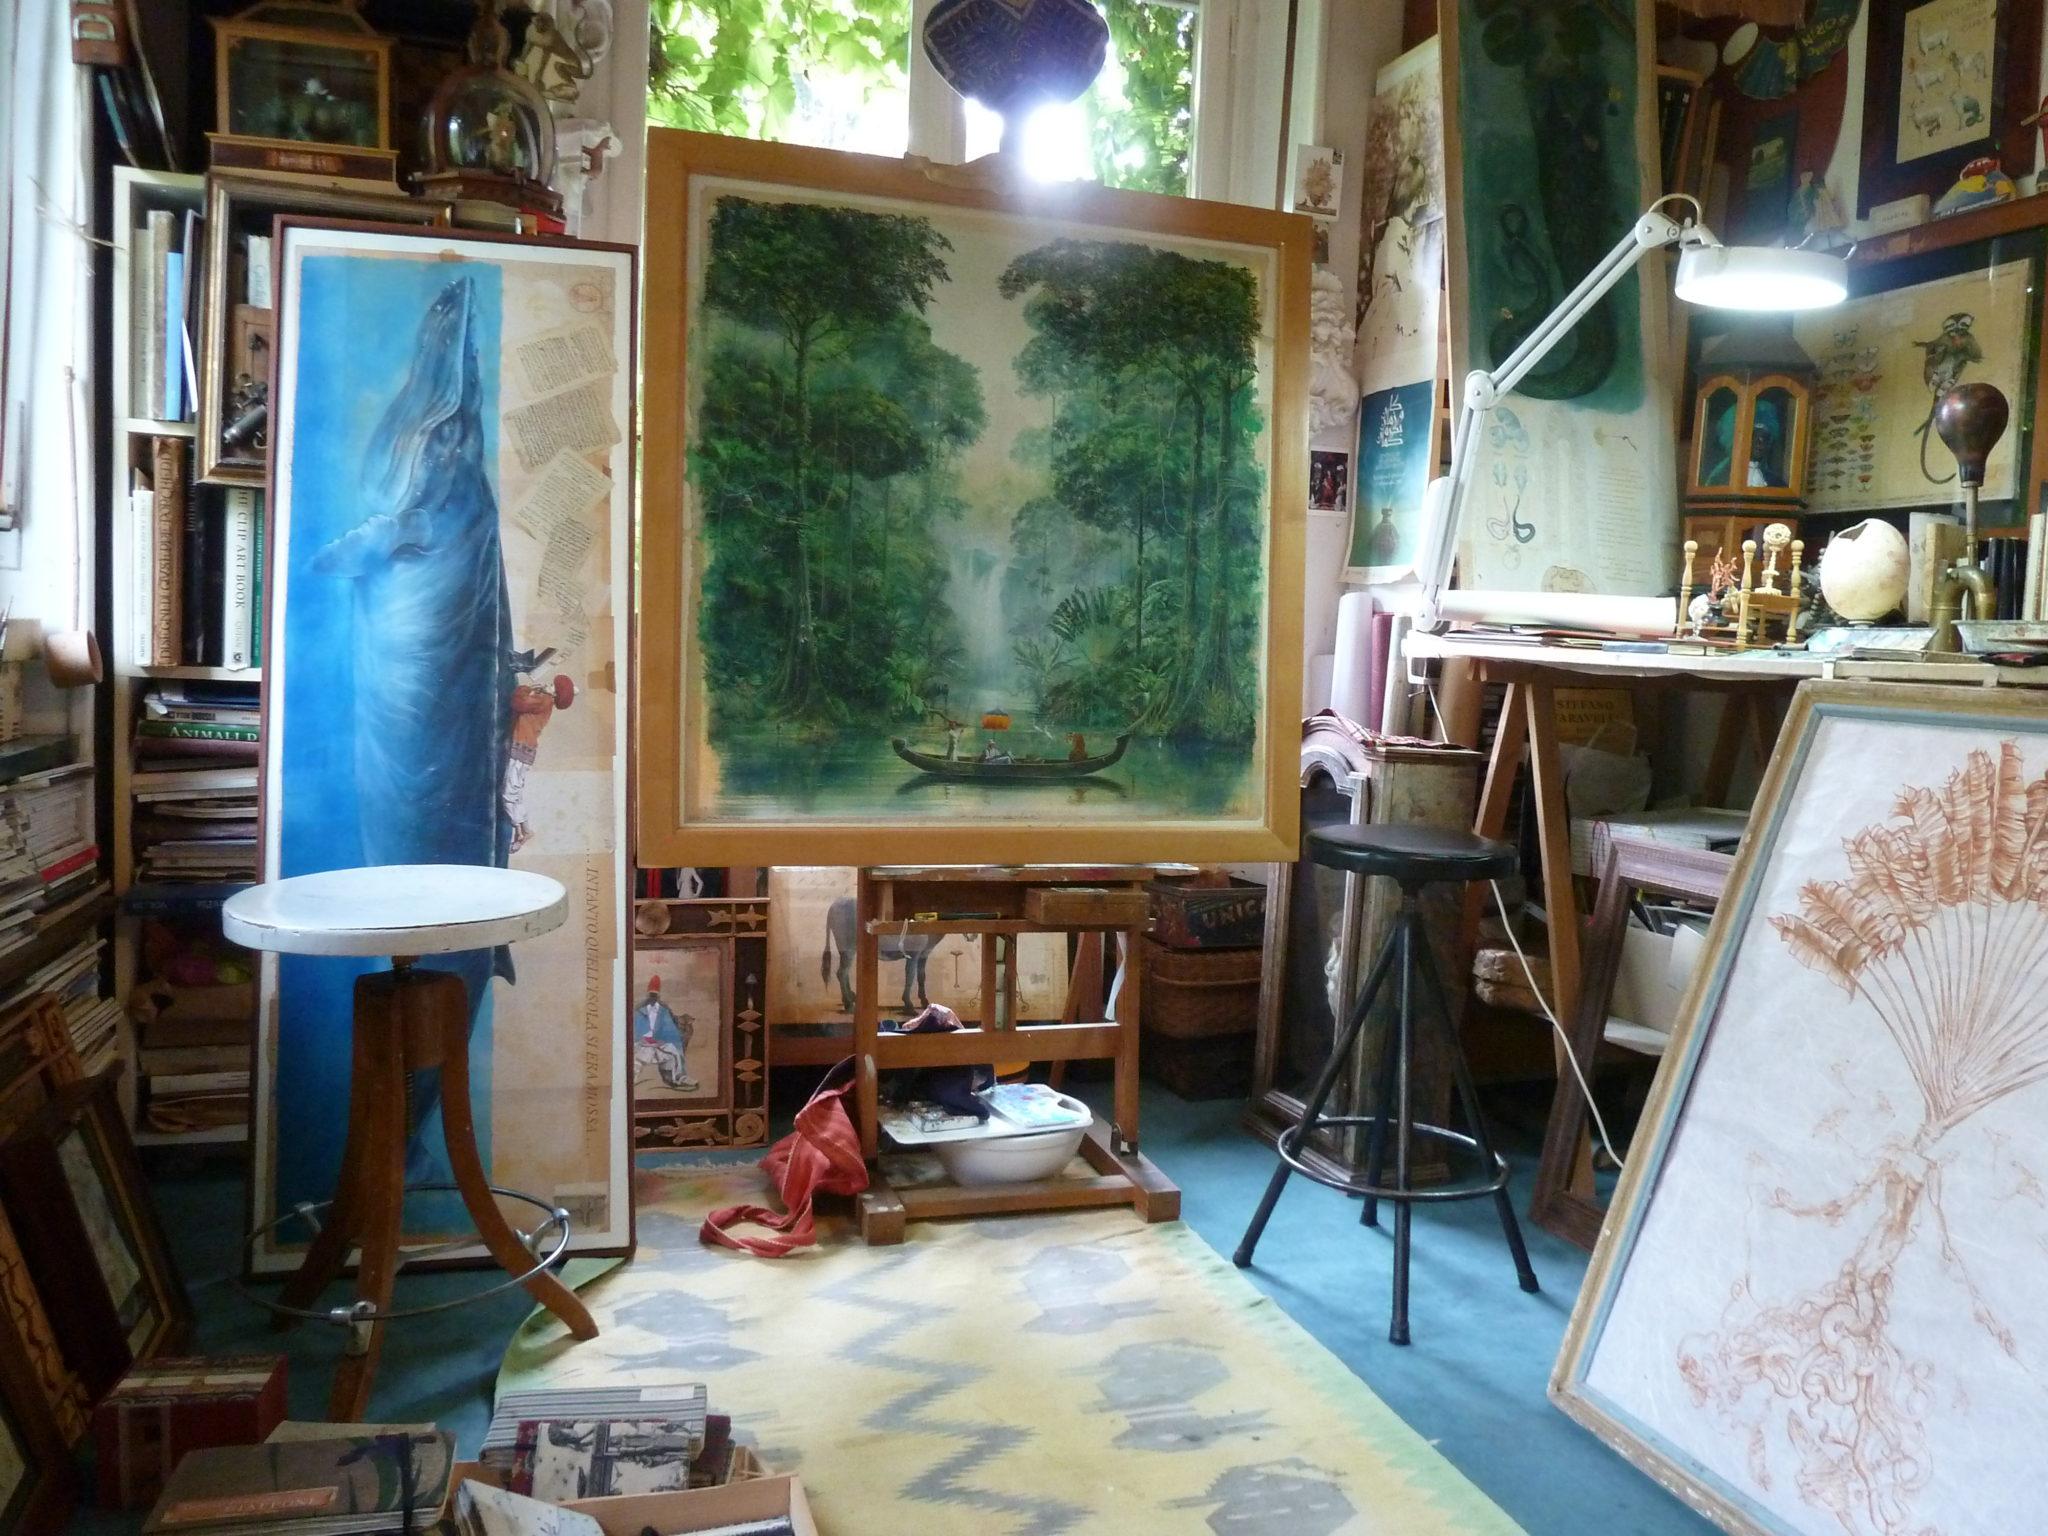 Con i suoi carnet di viaggio Stefano Faravelli dipinge meraviglie da mondi lontani. Come la Torino d'altri tempi che ci fa scoprire in questa intervista